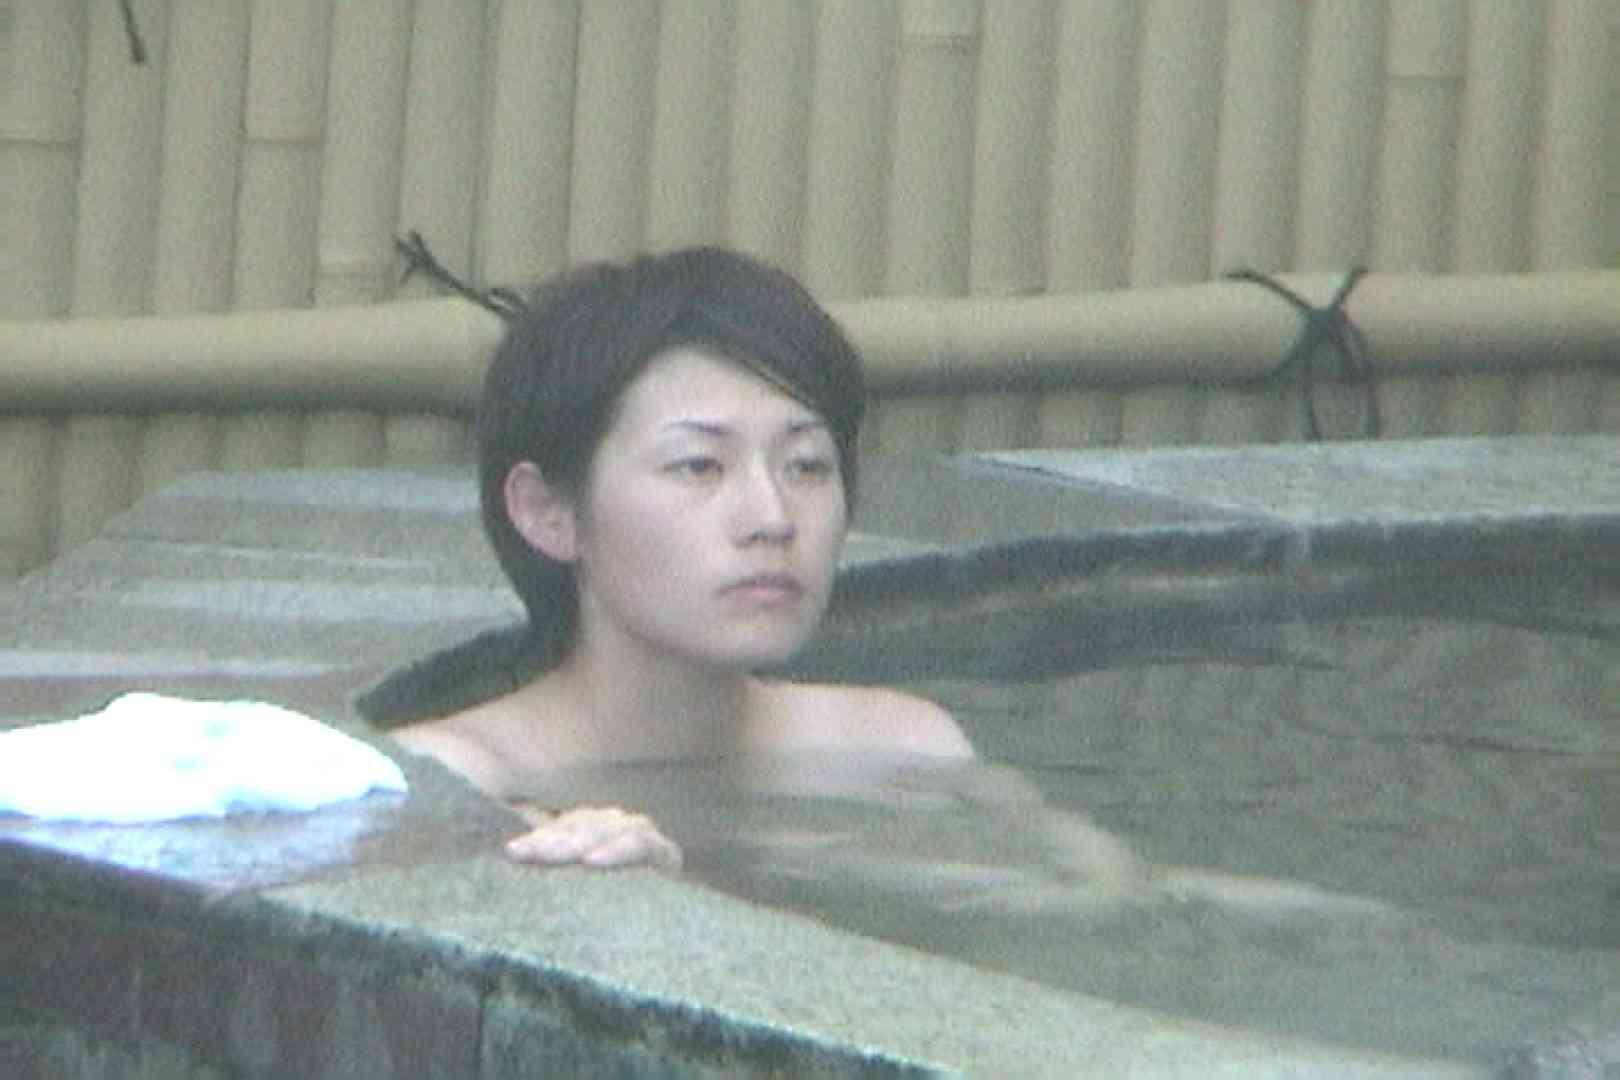 Aquaな露天風呂Vol.100【VIP限定】 盗撮   露天  98pic 35